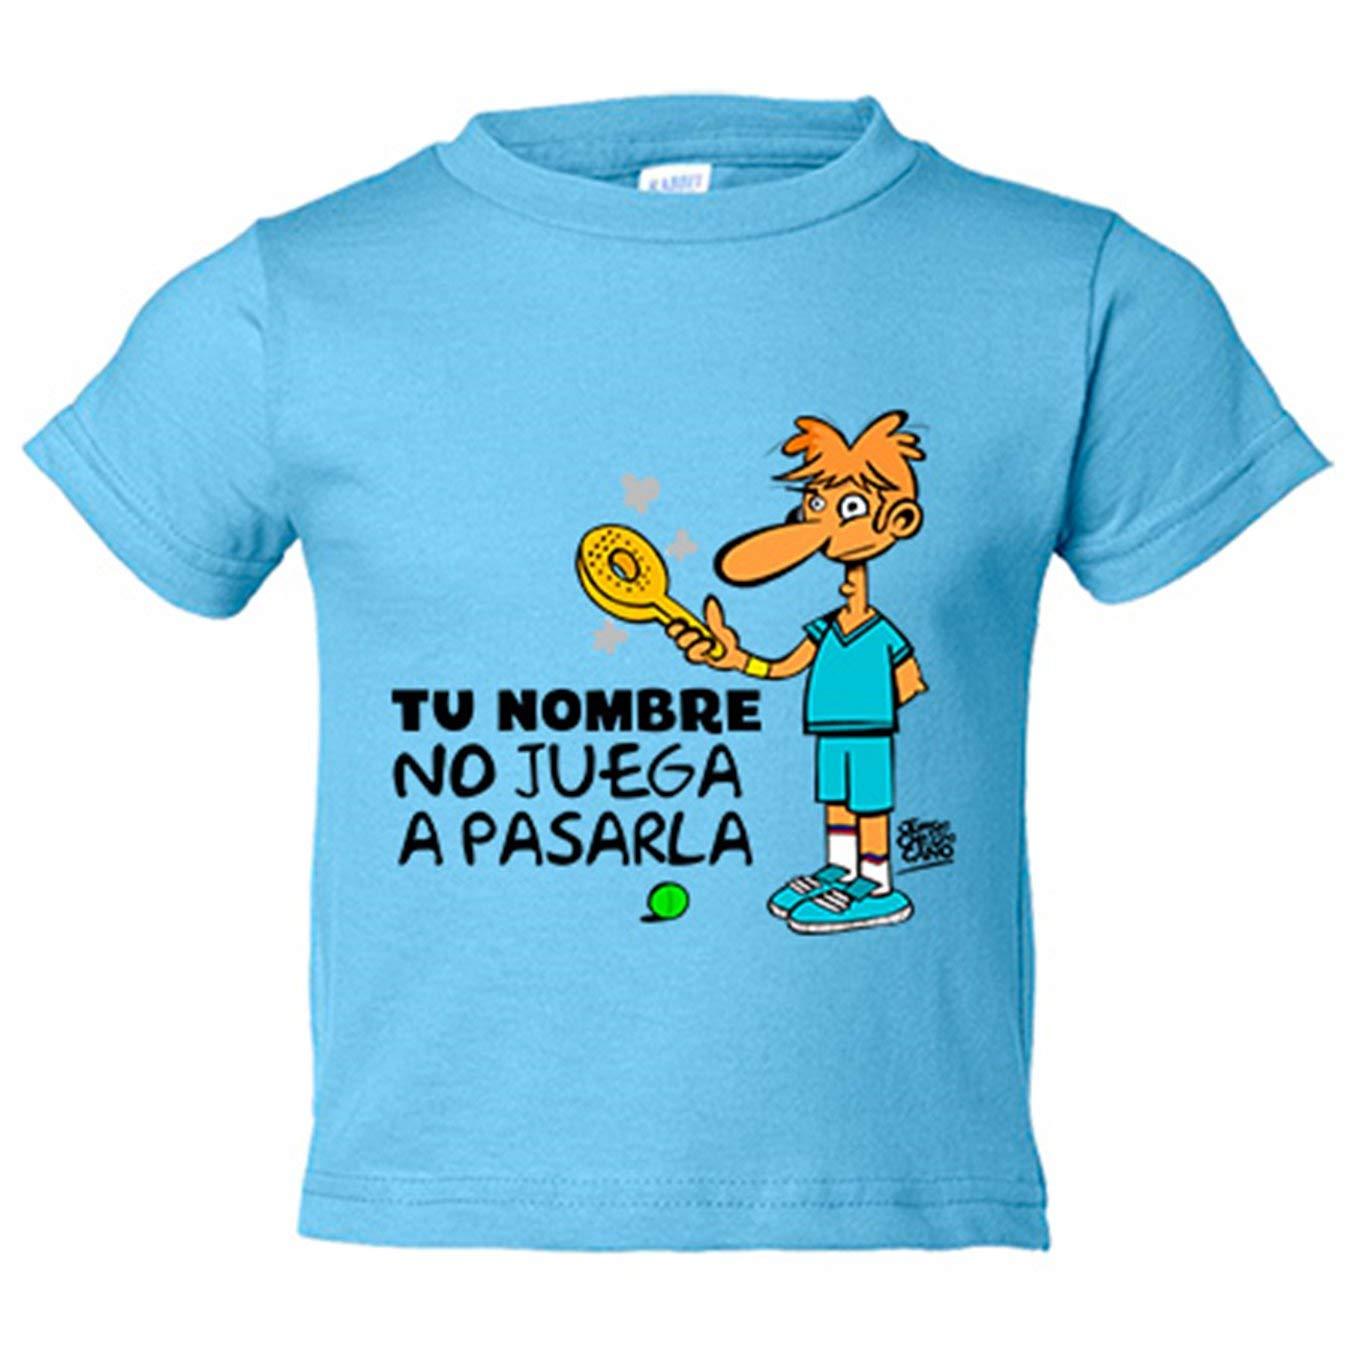 Camiseta niño Padel yo no juego a pasarla personalizable con ...